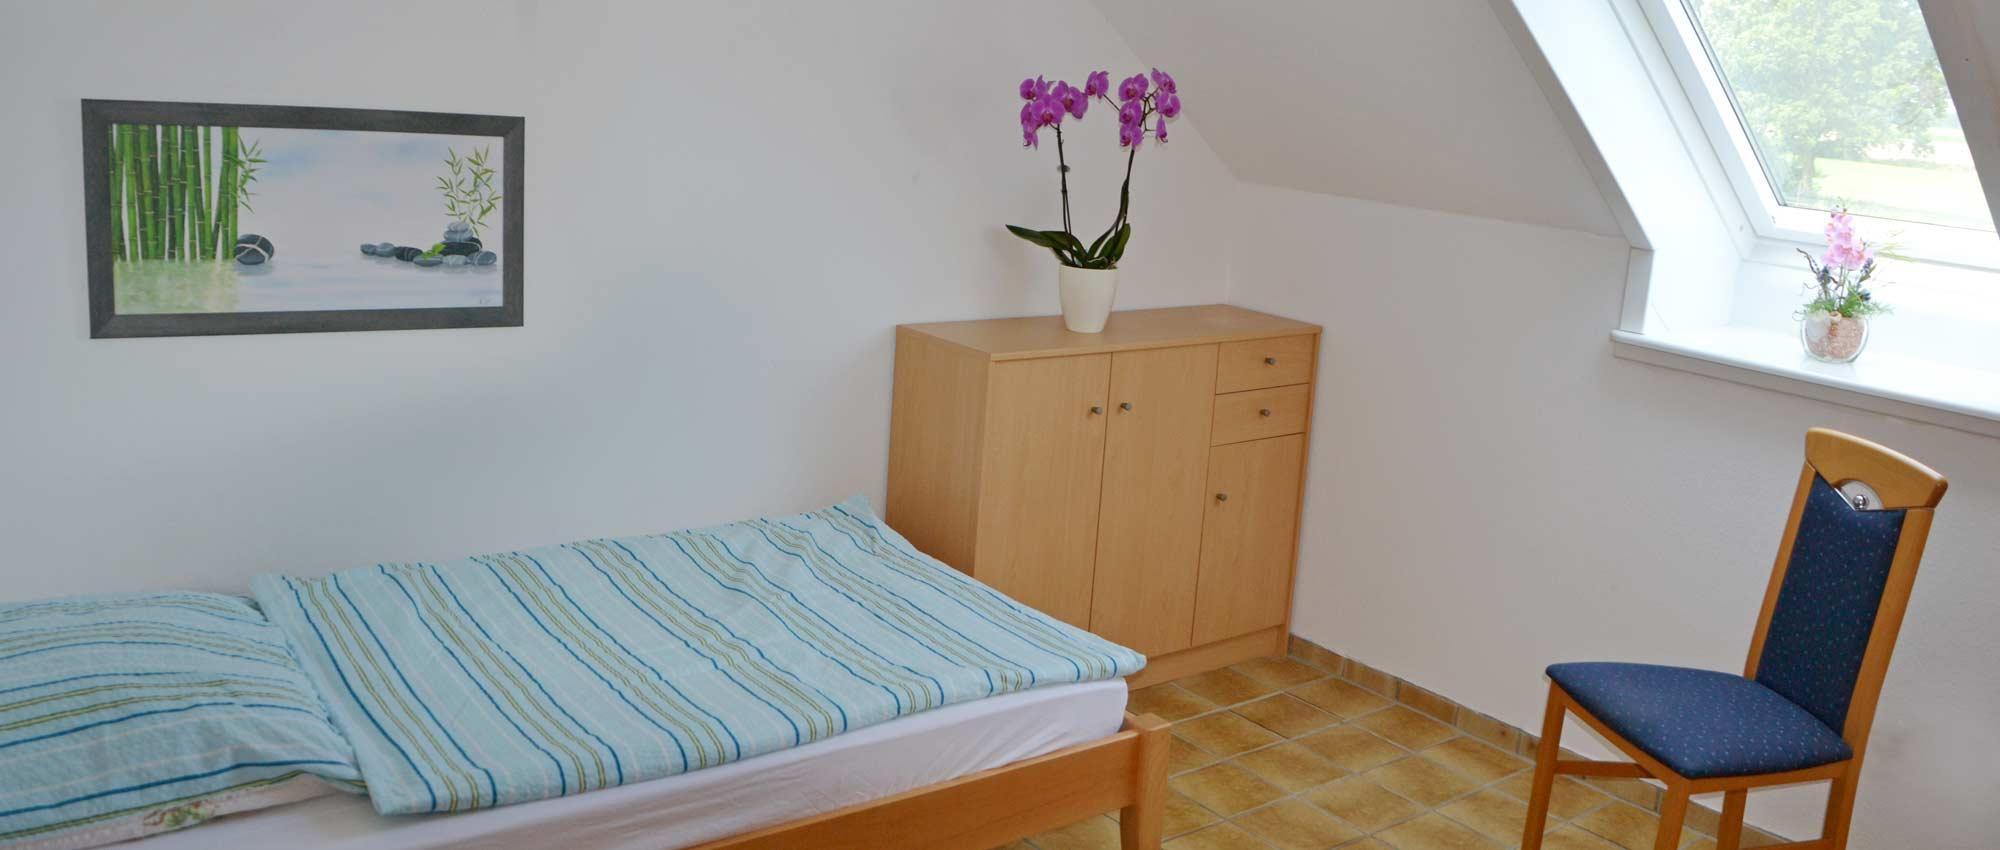 Einzel-/Doppelzimmer Wiesenblick